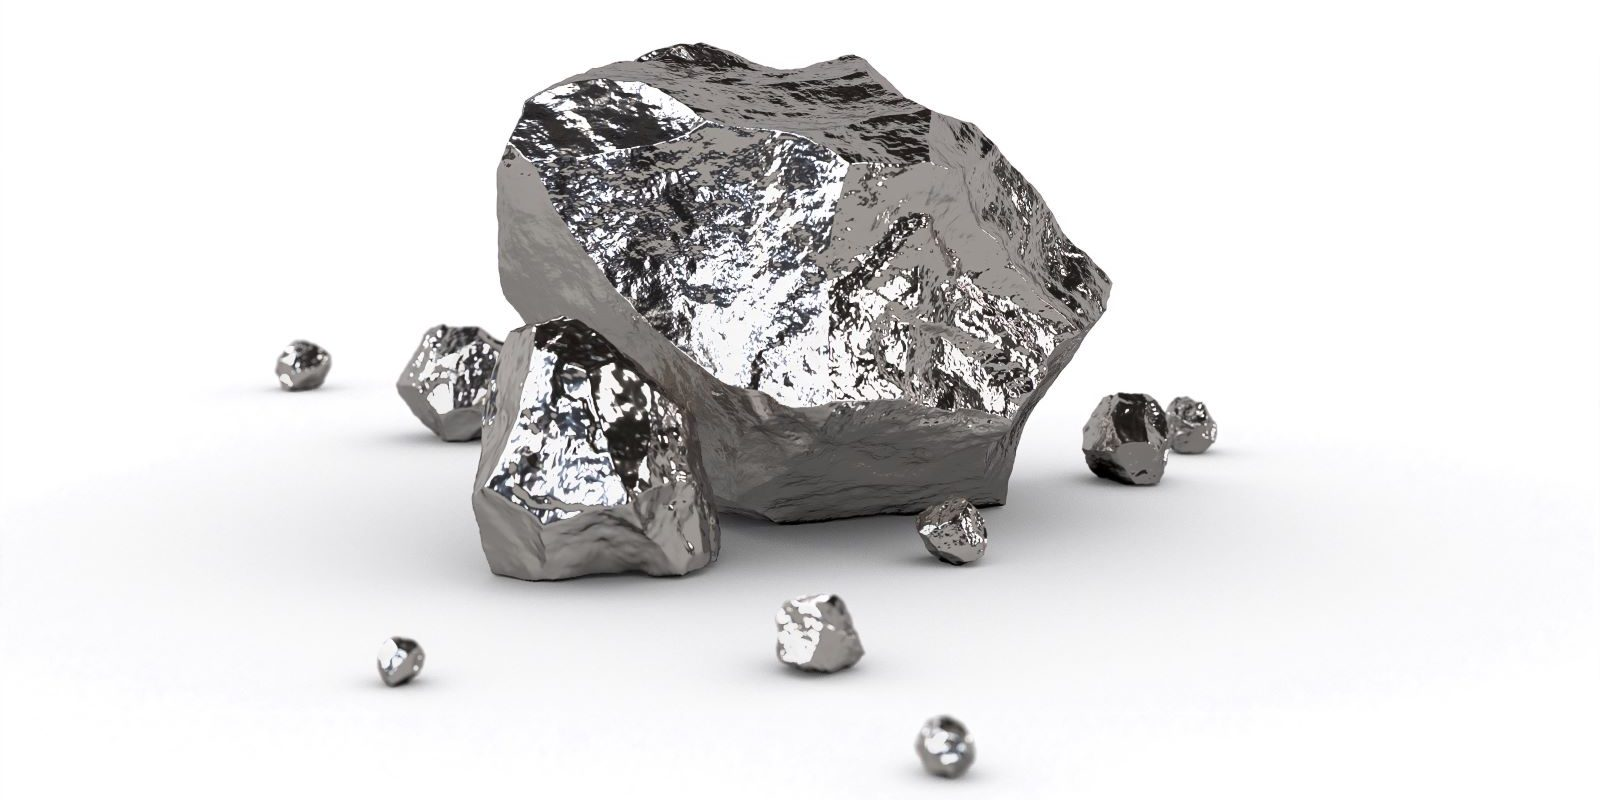 Platin isoliert mineralischer Rohstoff